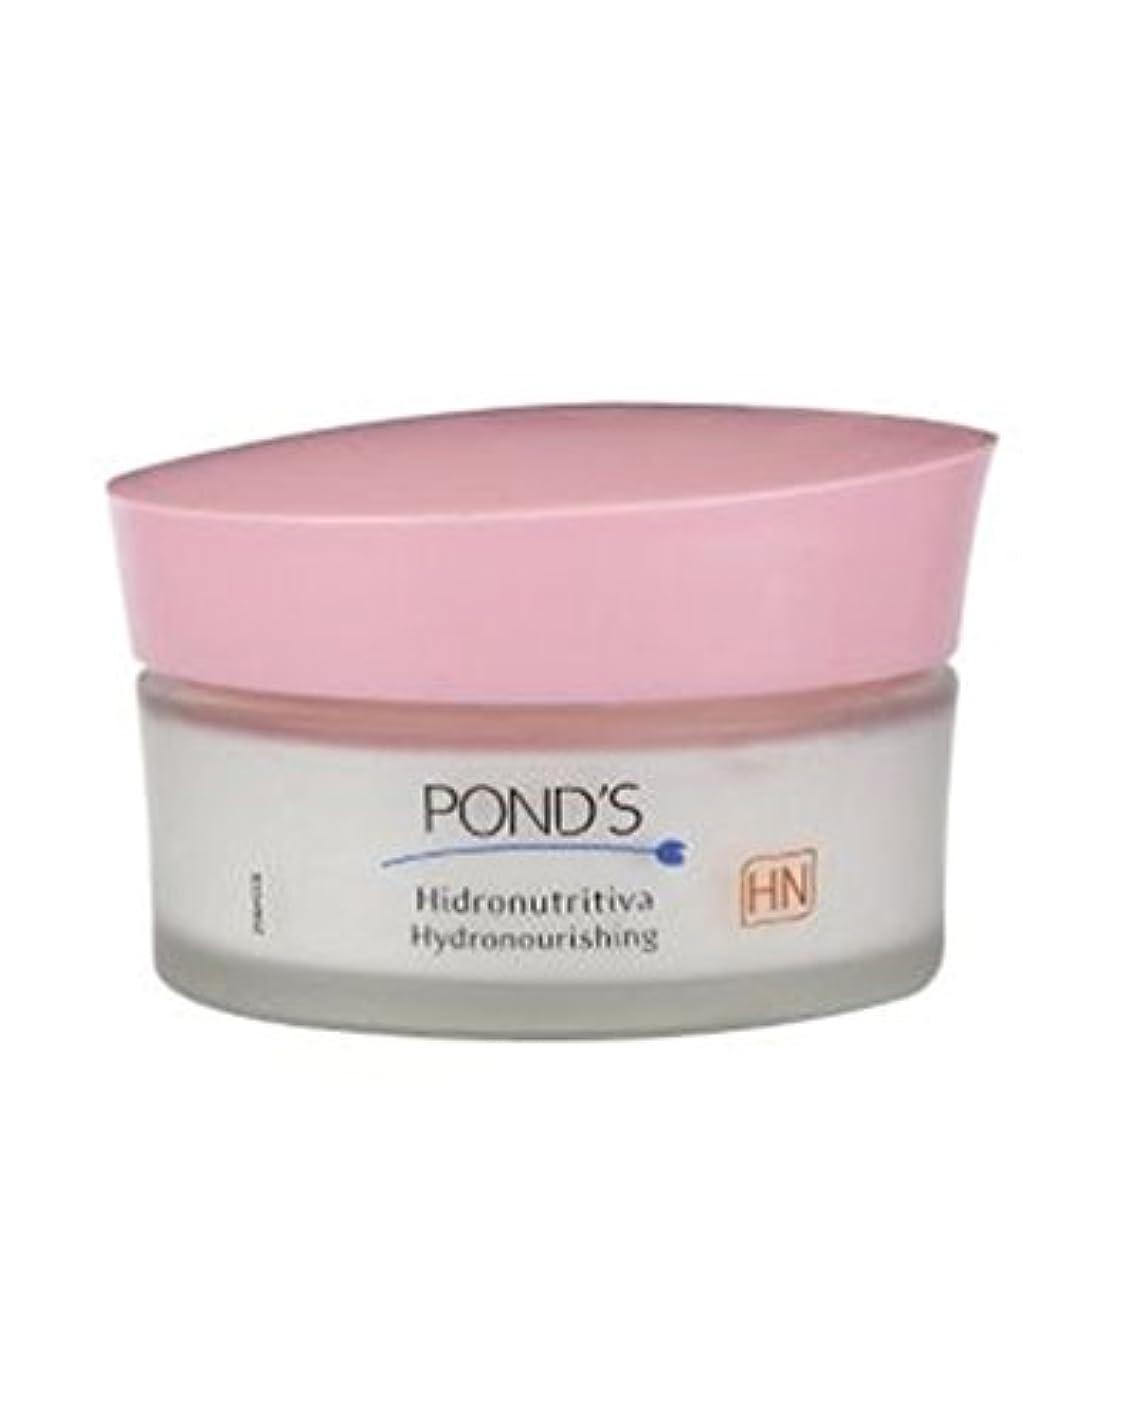 ロードブロッキングゆり年アンチリンクルクリーム50ミリリットル栄養池 (Ponds) (x2) - Ponds Nourishing Anti-wrinkle Cream 50ml (Pack of 2) [並行輸入品]